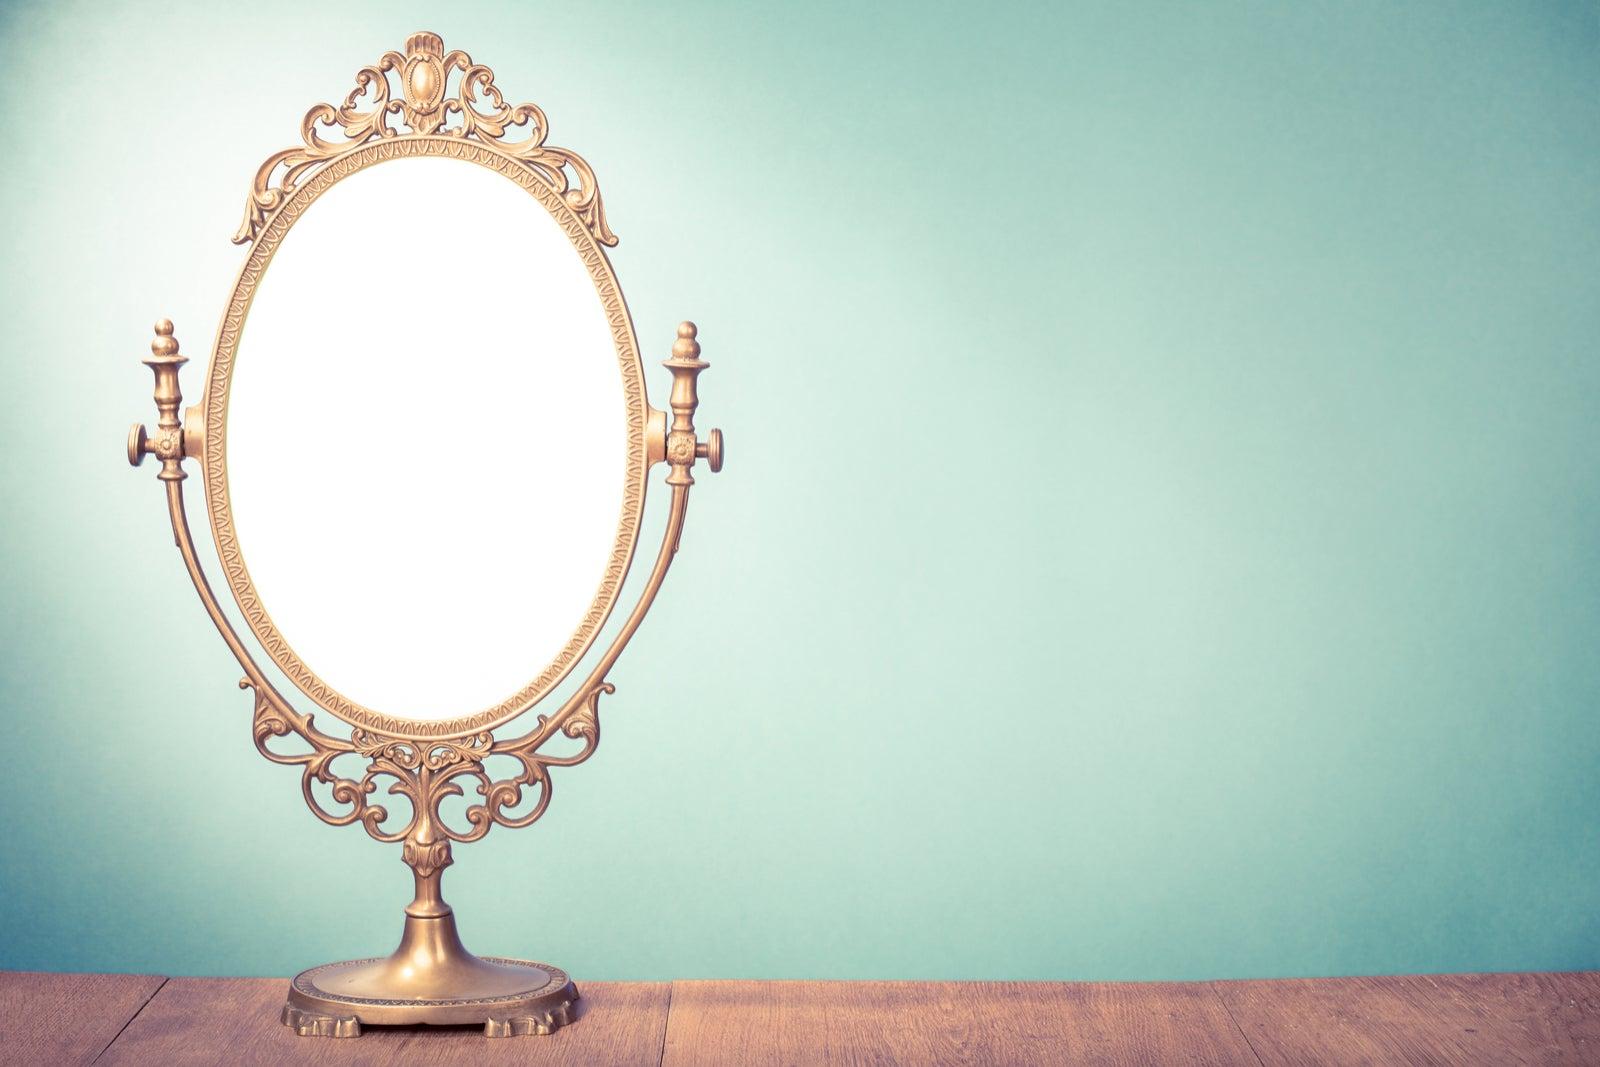 Espejos vintage: un encanto del pasado